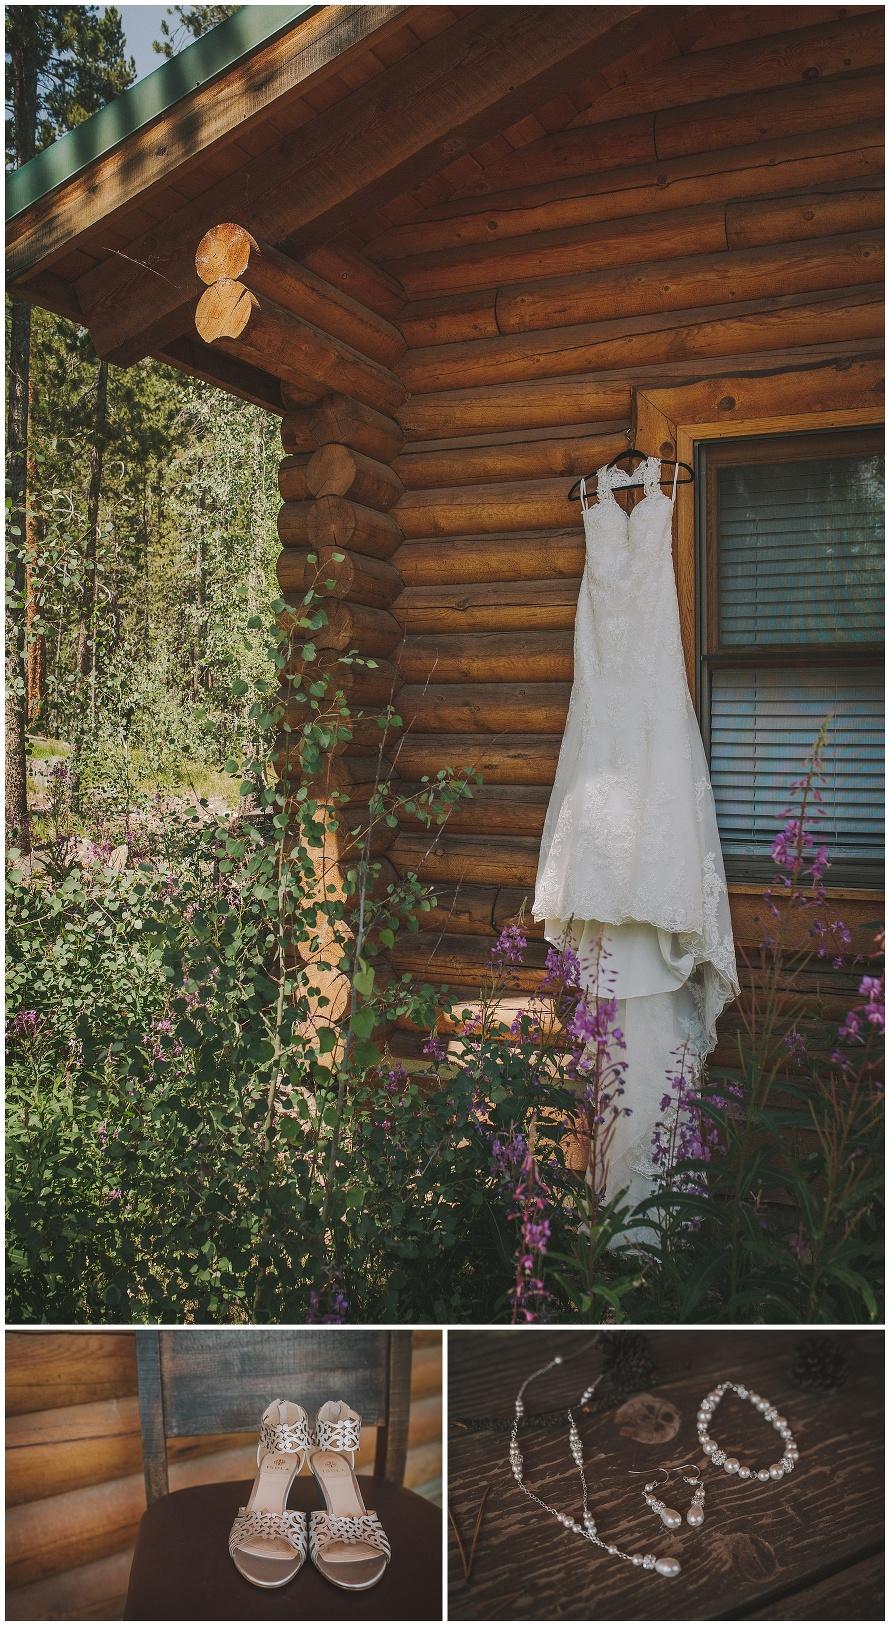 camp-hale-vail-colorado-wedding-photography003